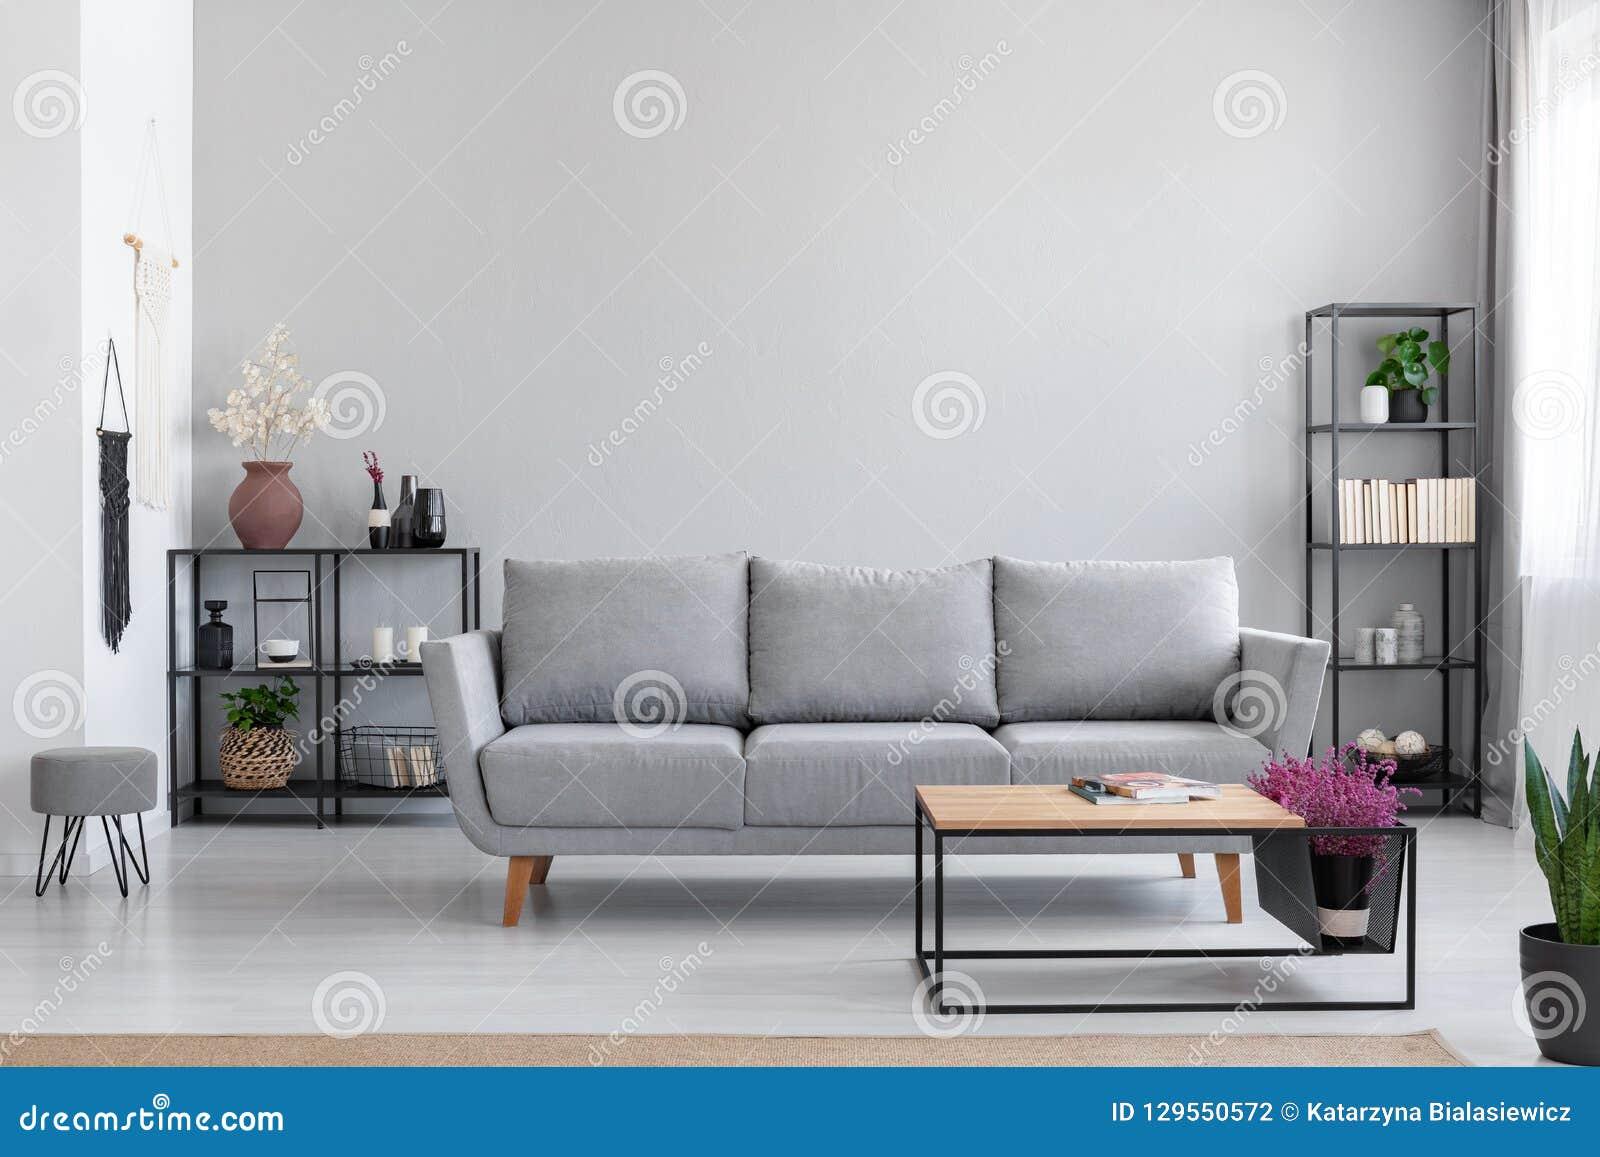 Цветки в деревянном столе перед серым settee в современной простой квартире внутренней с табуреткой